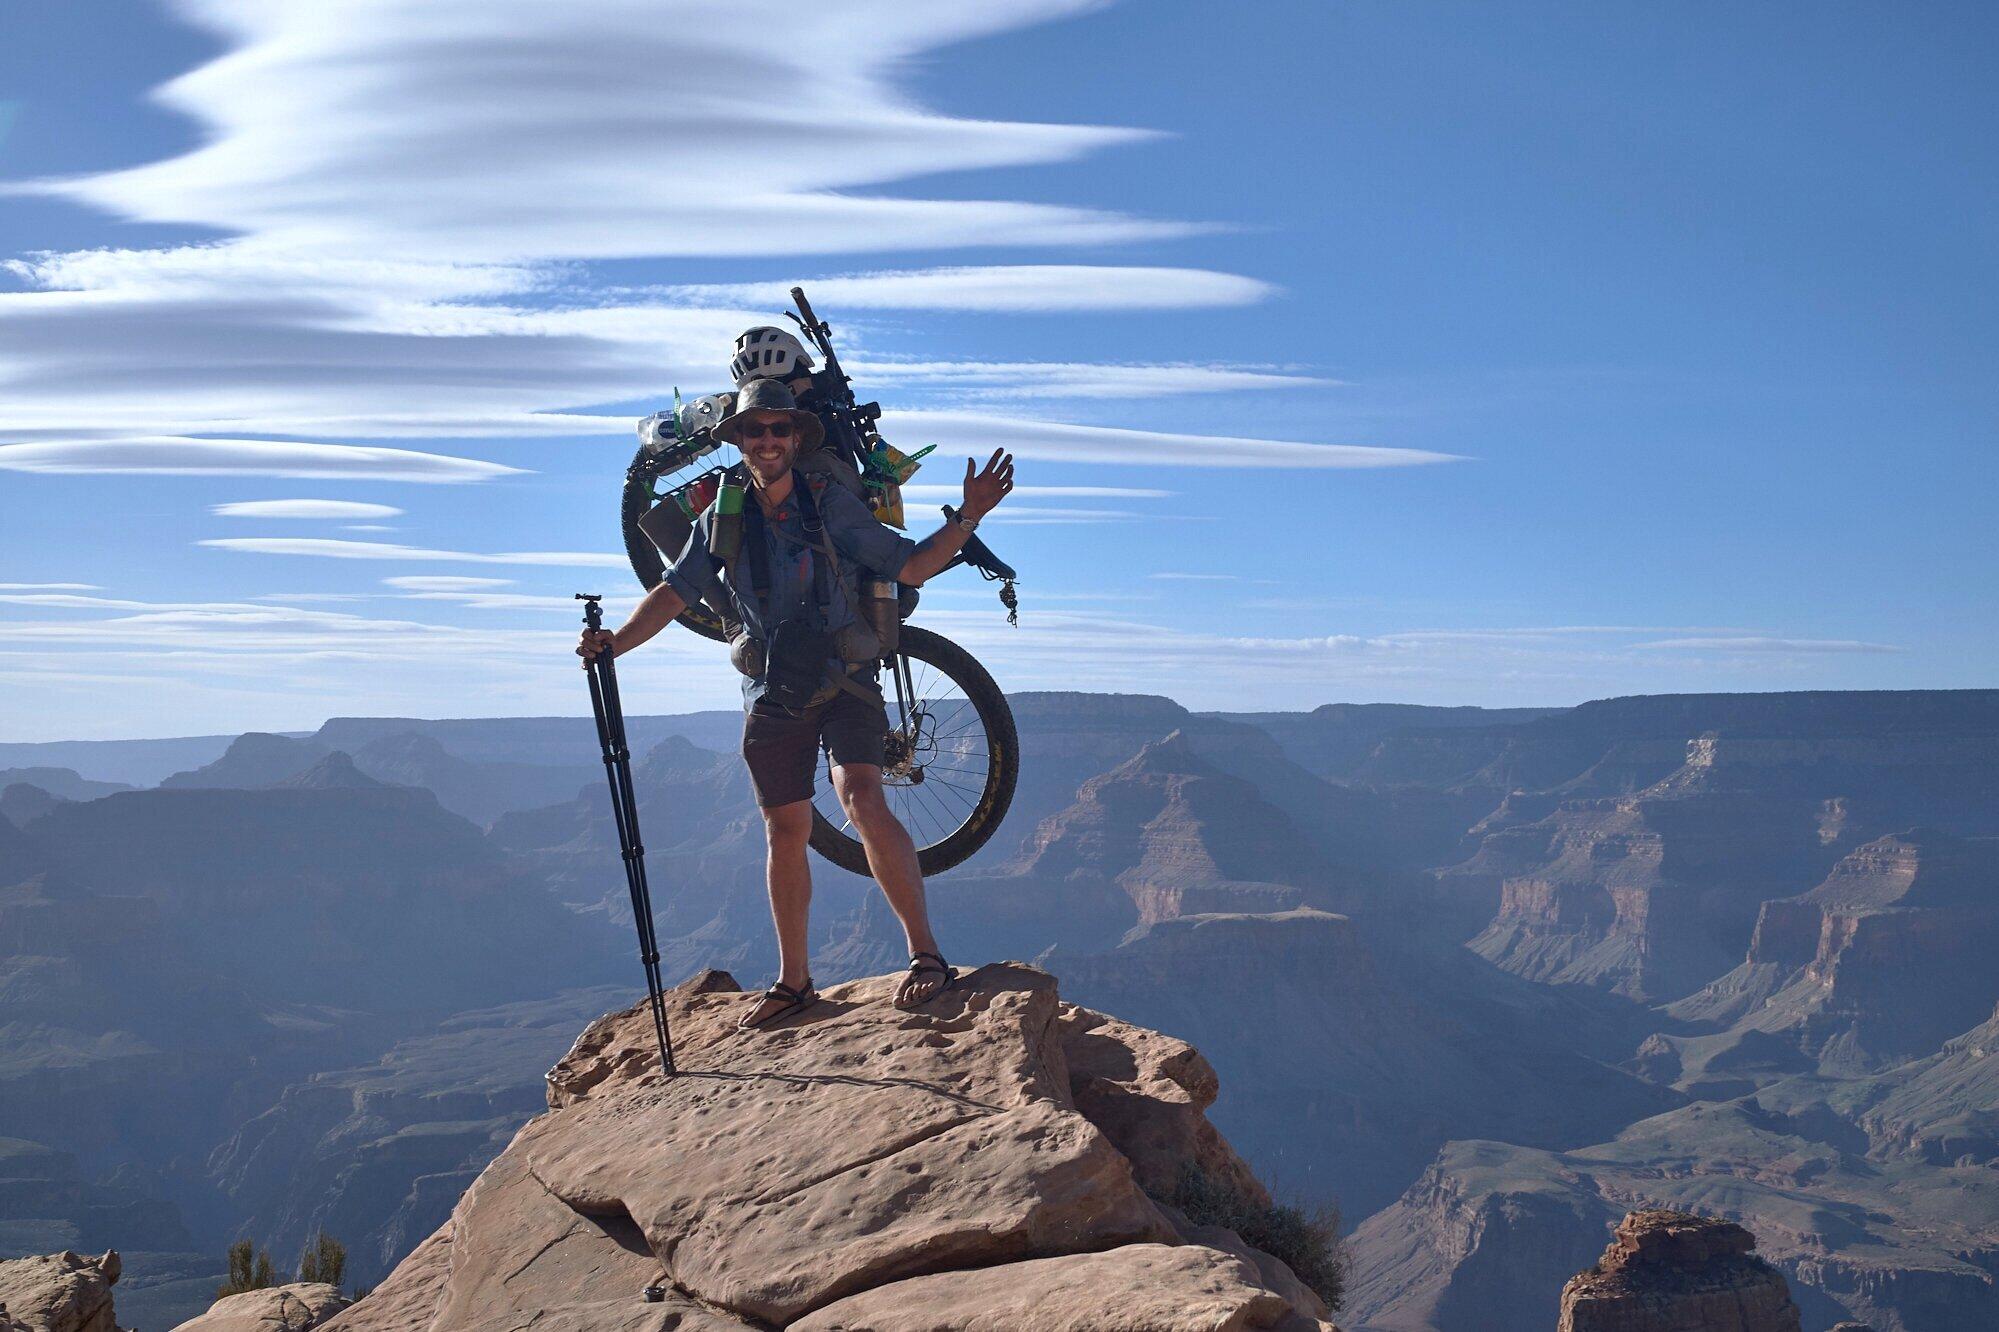 RyanKodakBrown-+Arizona+Trail+and+Wild+West+Route-1621.jpg